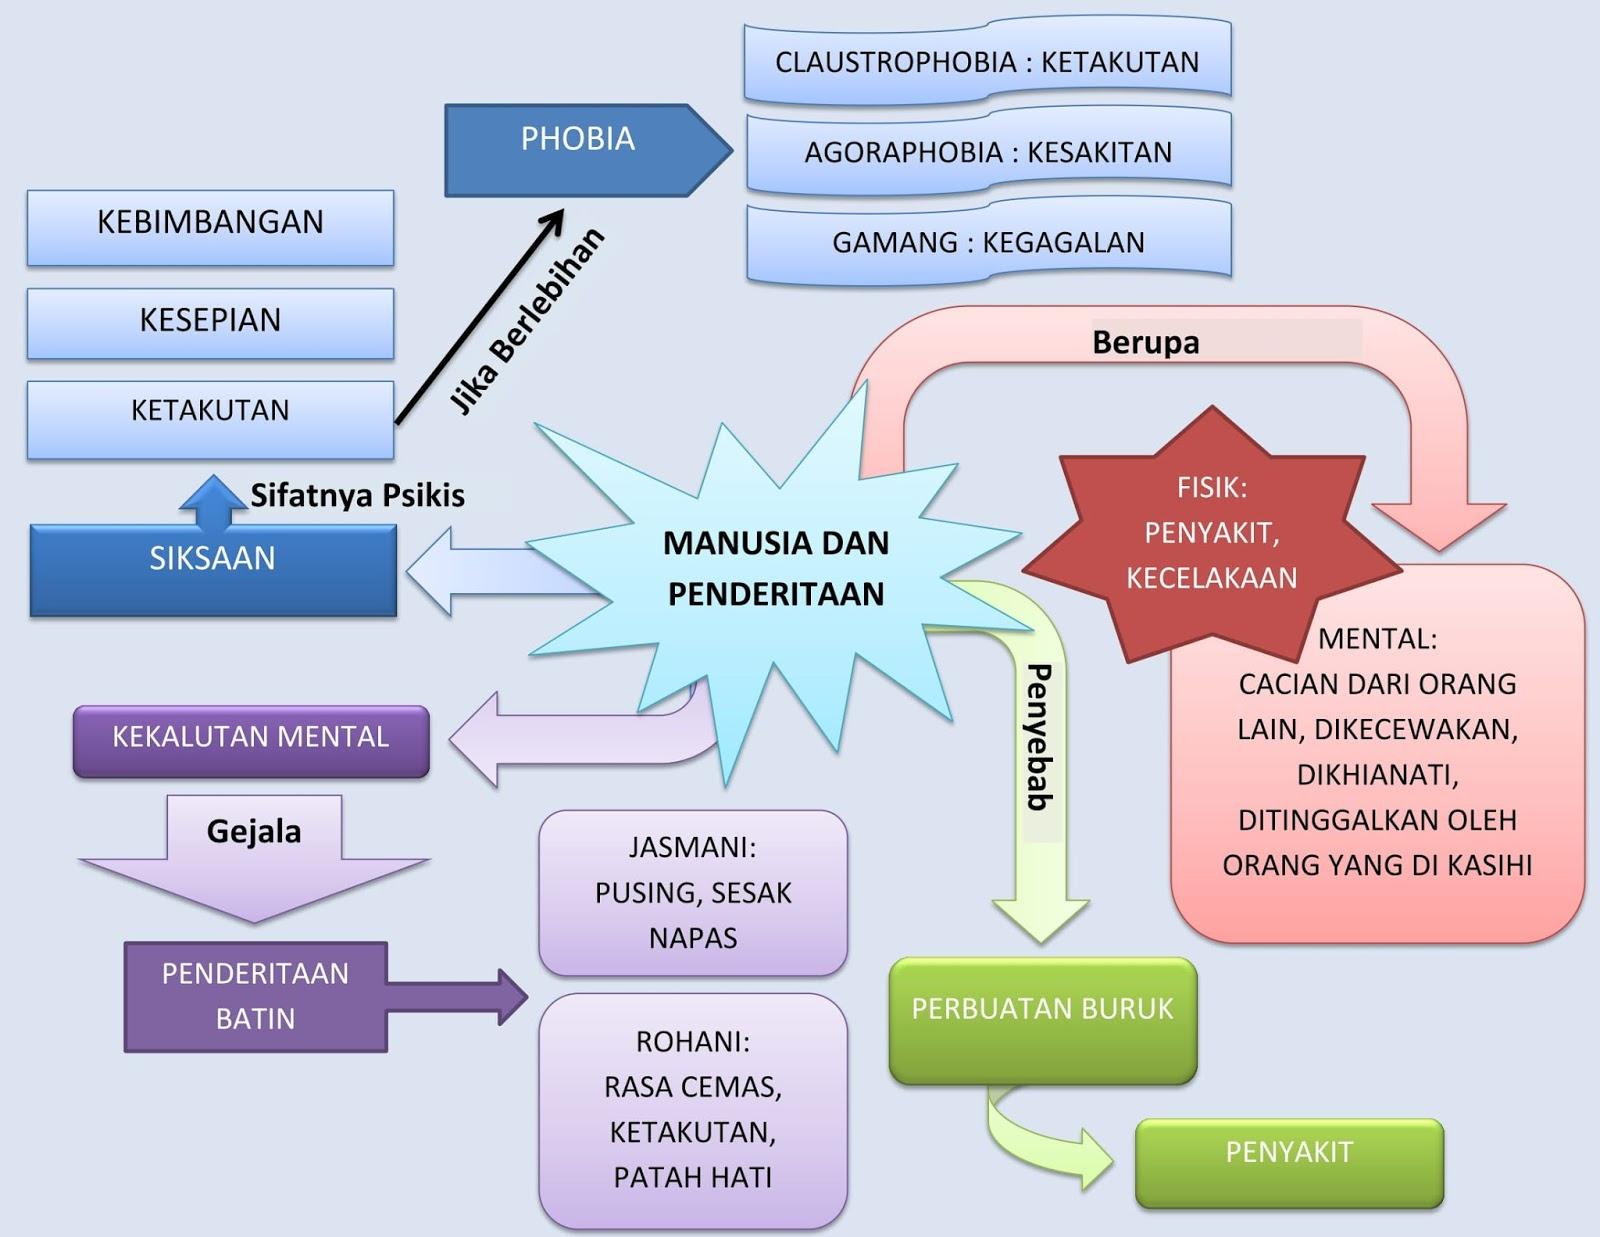 Mind Map Tentang Manusia dan Penderitaan